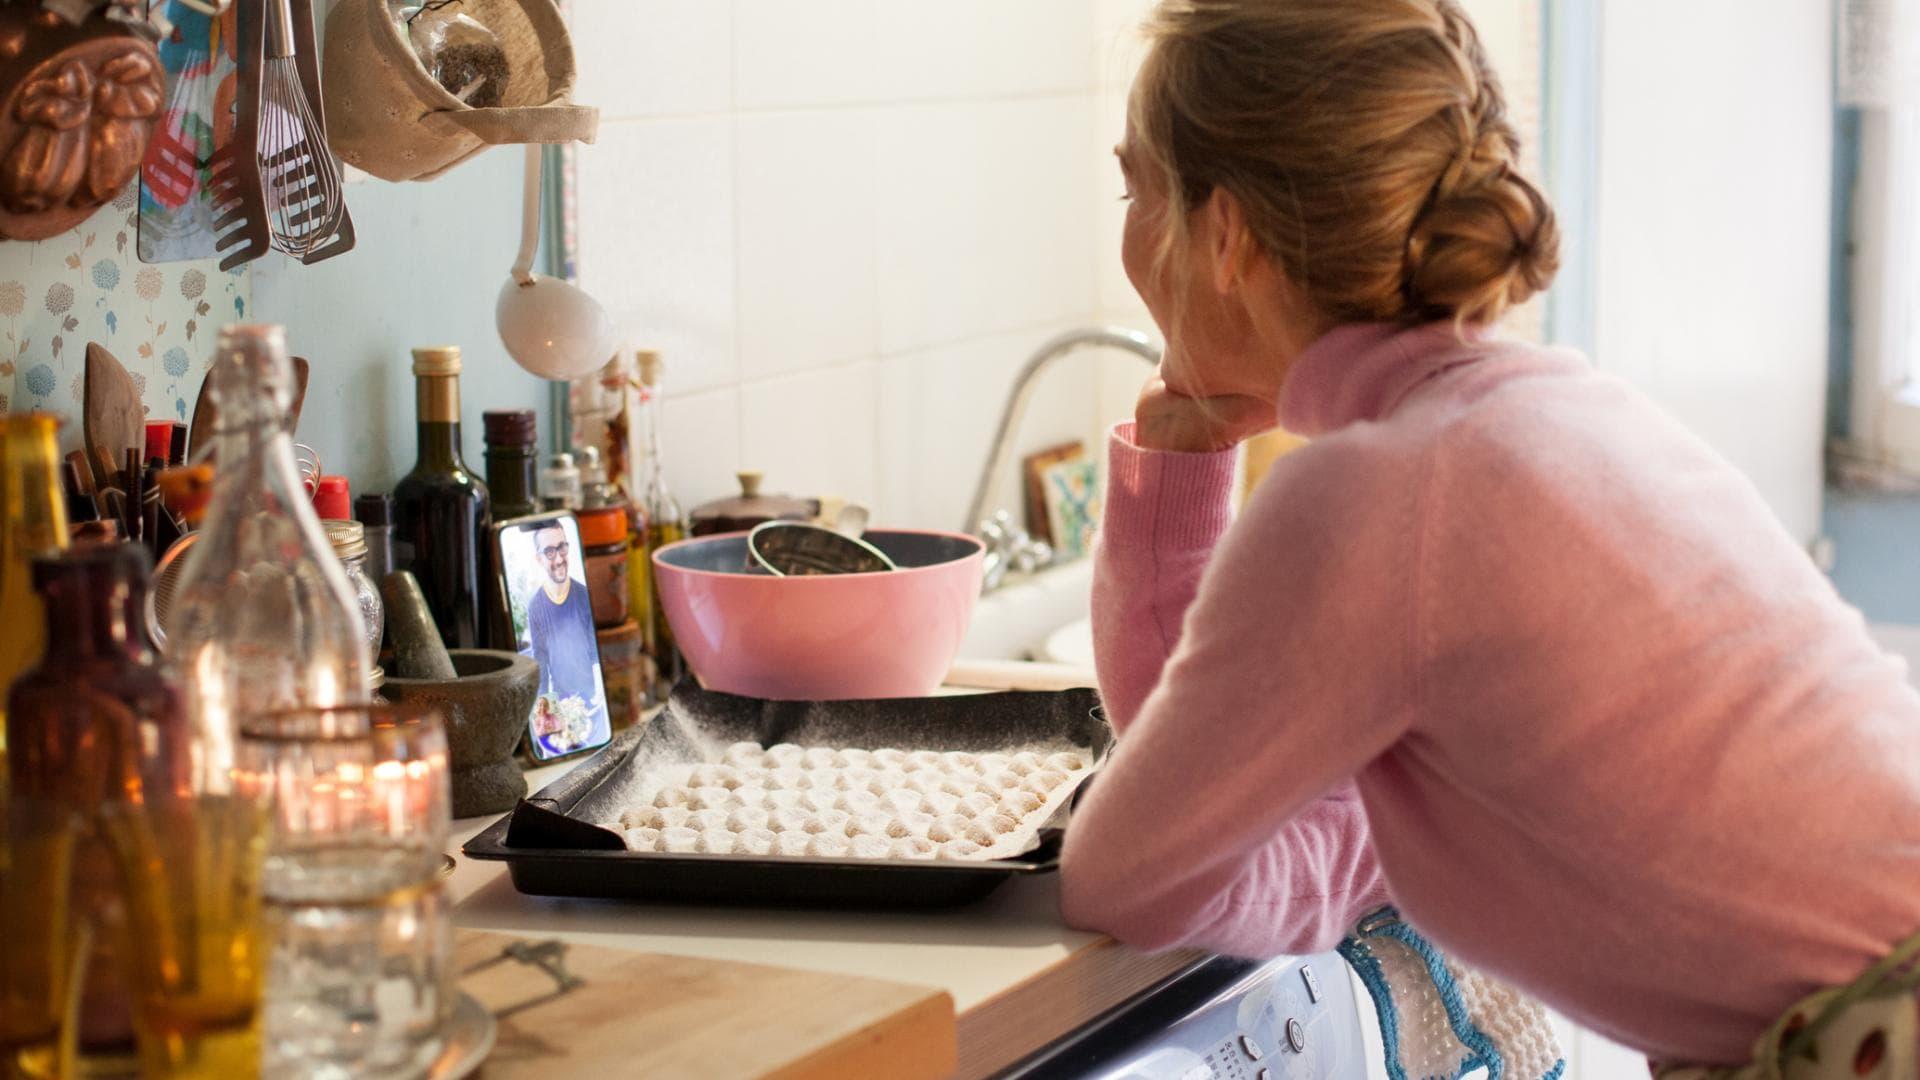 Kochen Frau Date Online Video